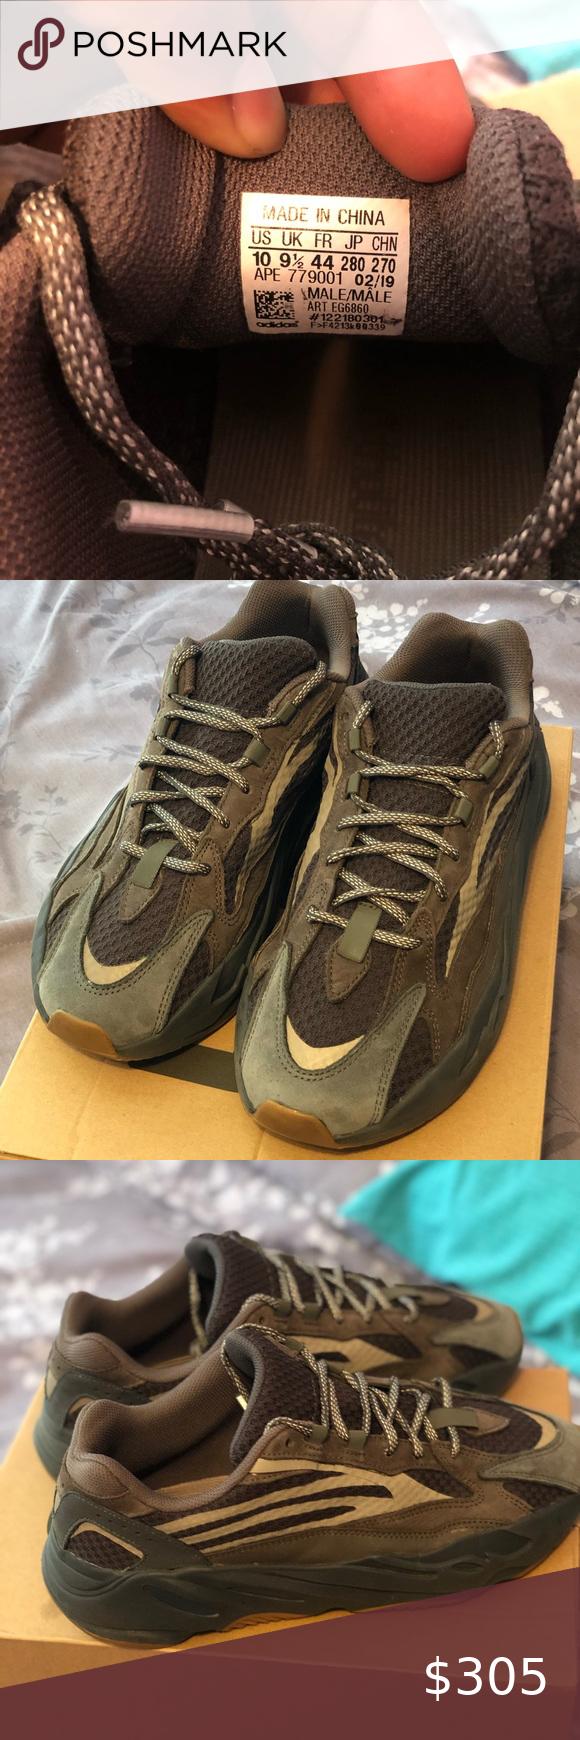 Yeezy 700 in 2020 | Yeezy, Yeezy shoes